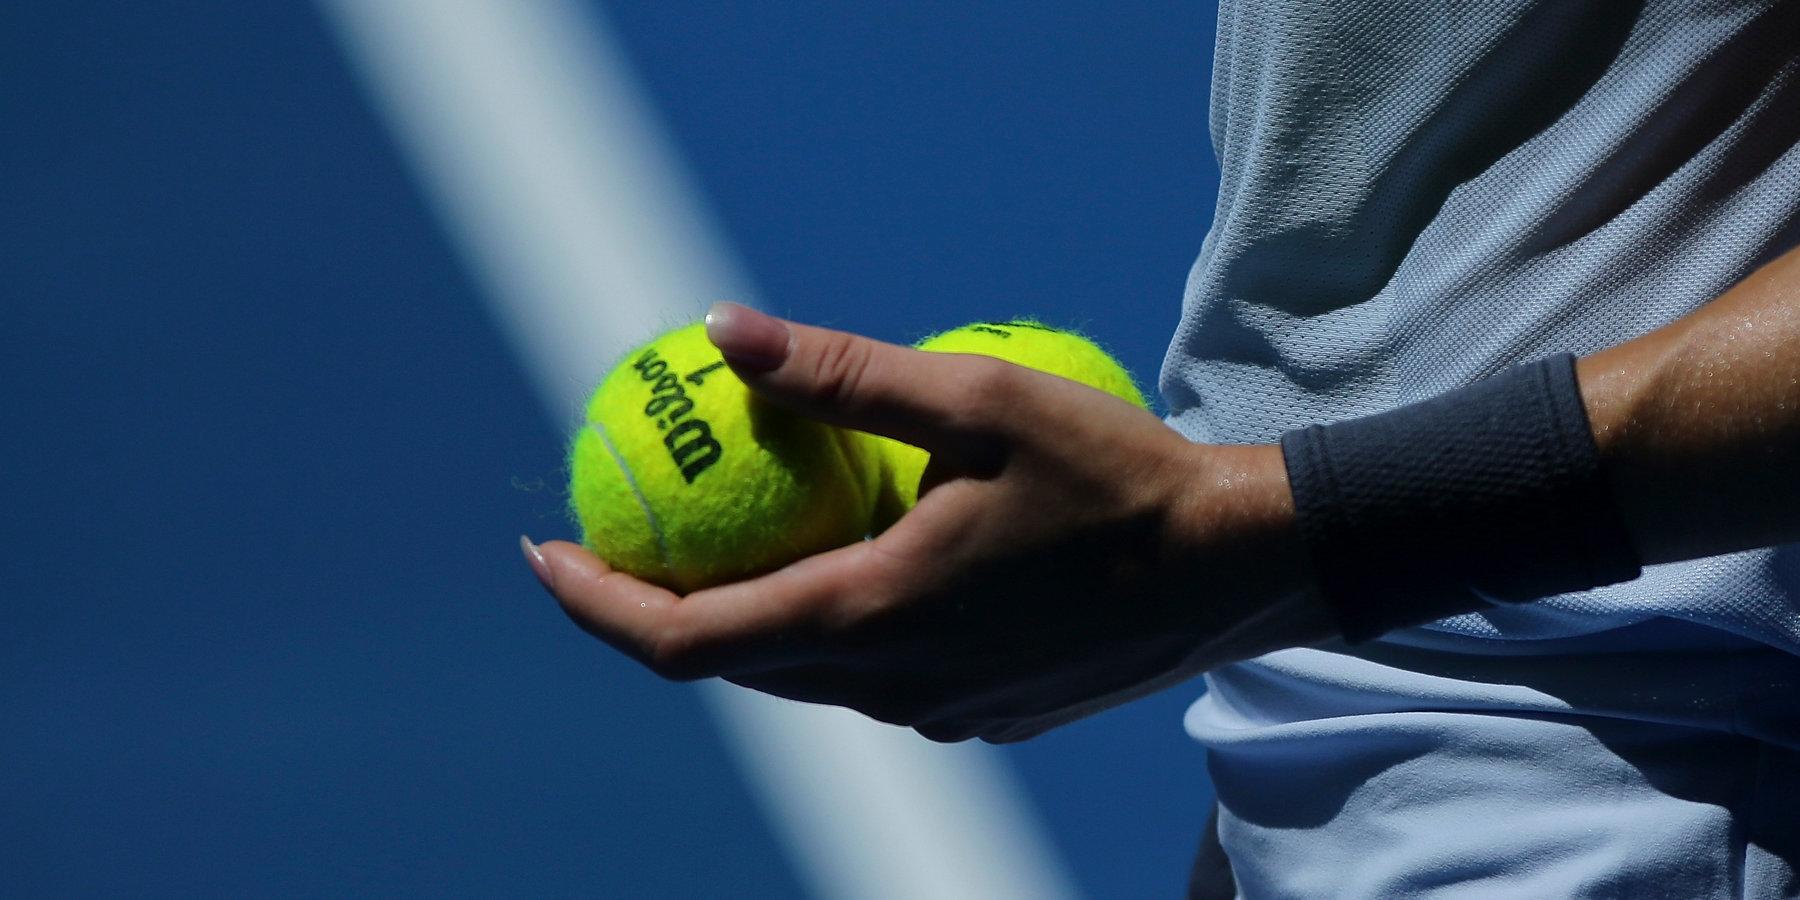 СМИ: Олимпийский чемпион по теннису участвовал в договорных матчах